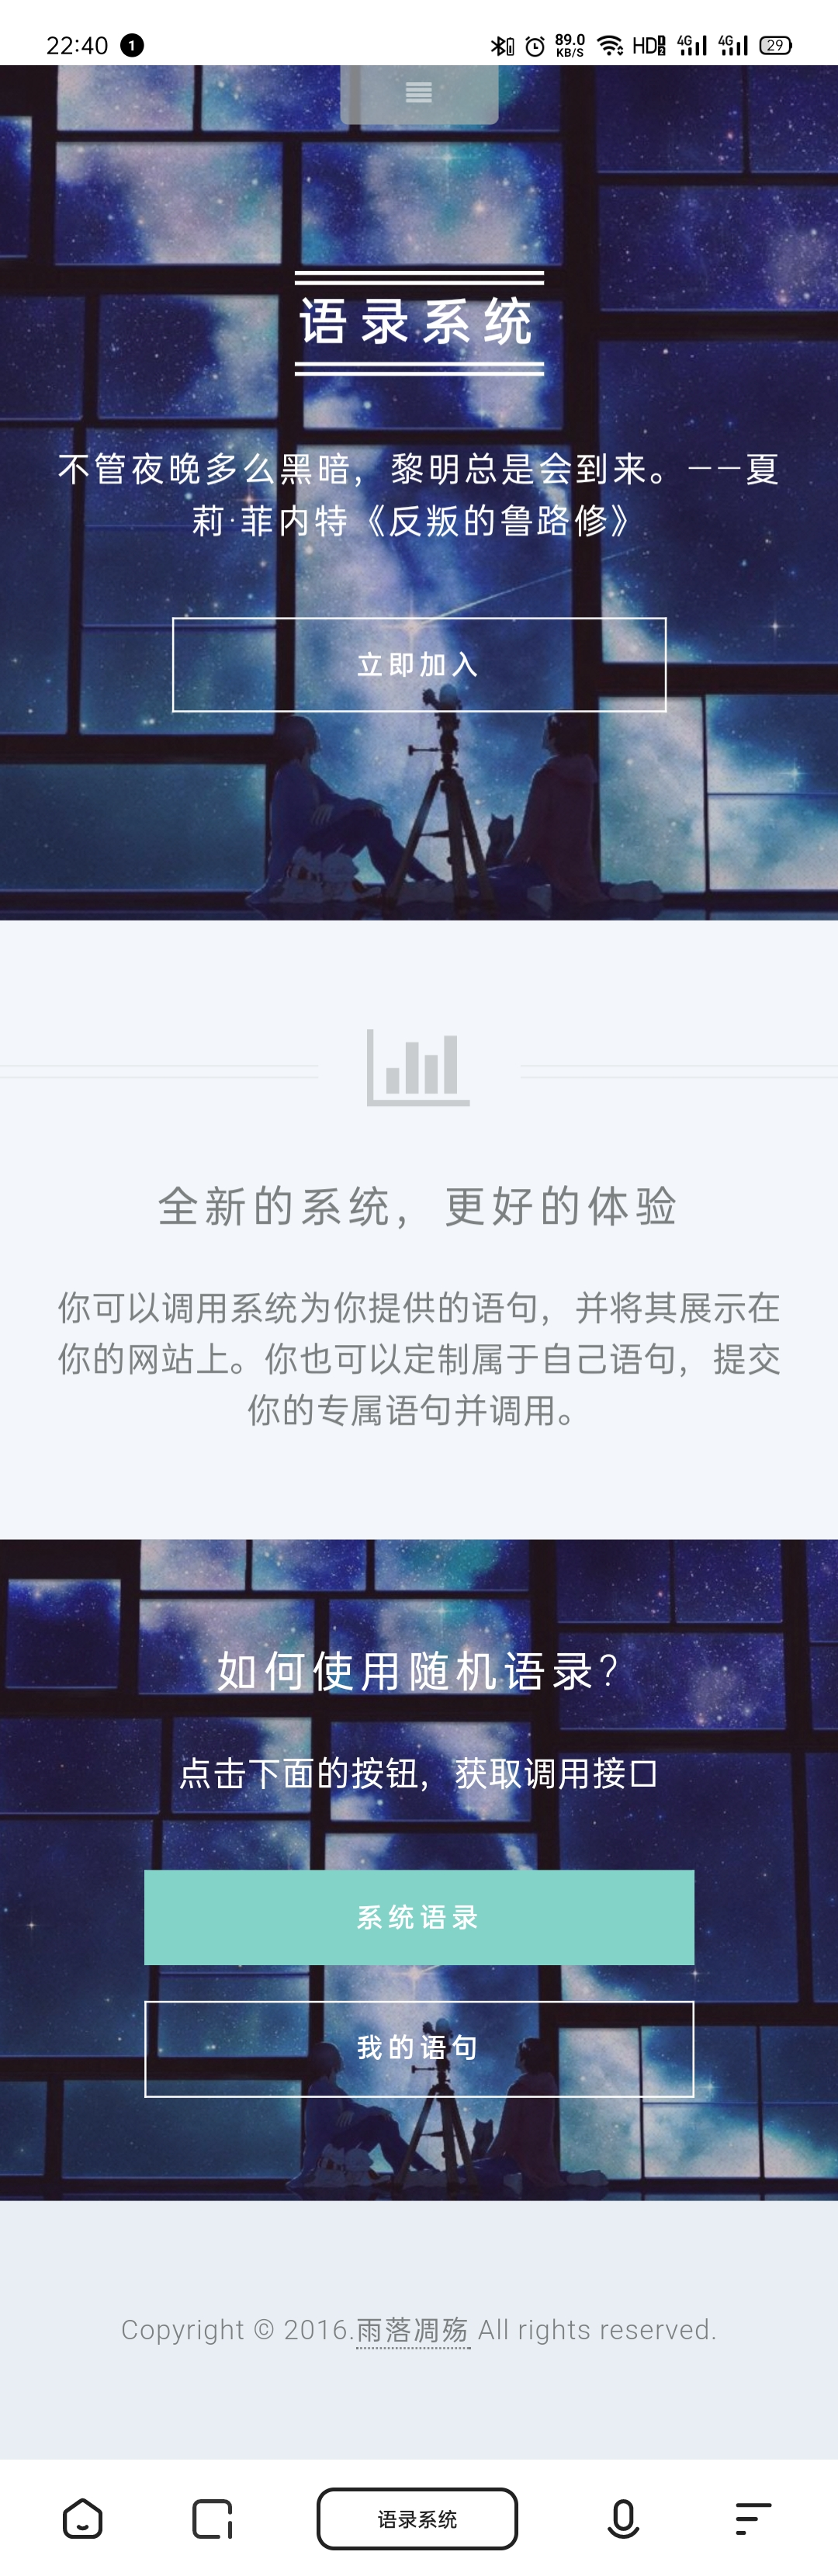 语录系统首页截图